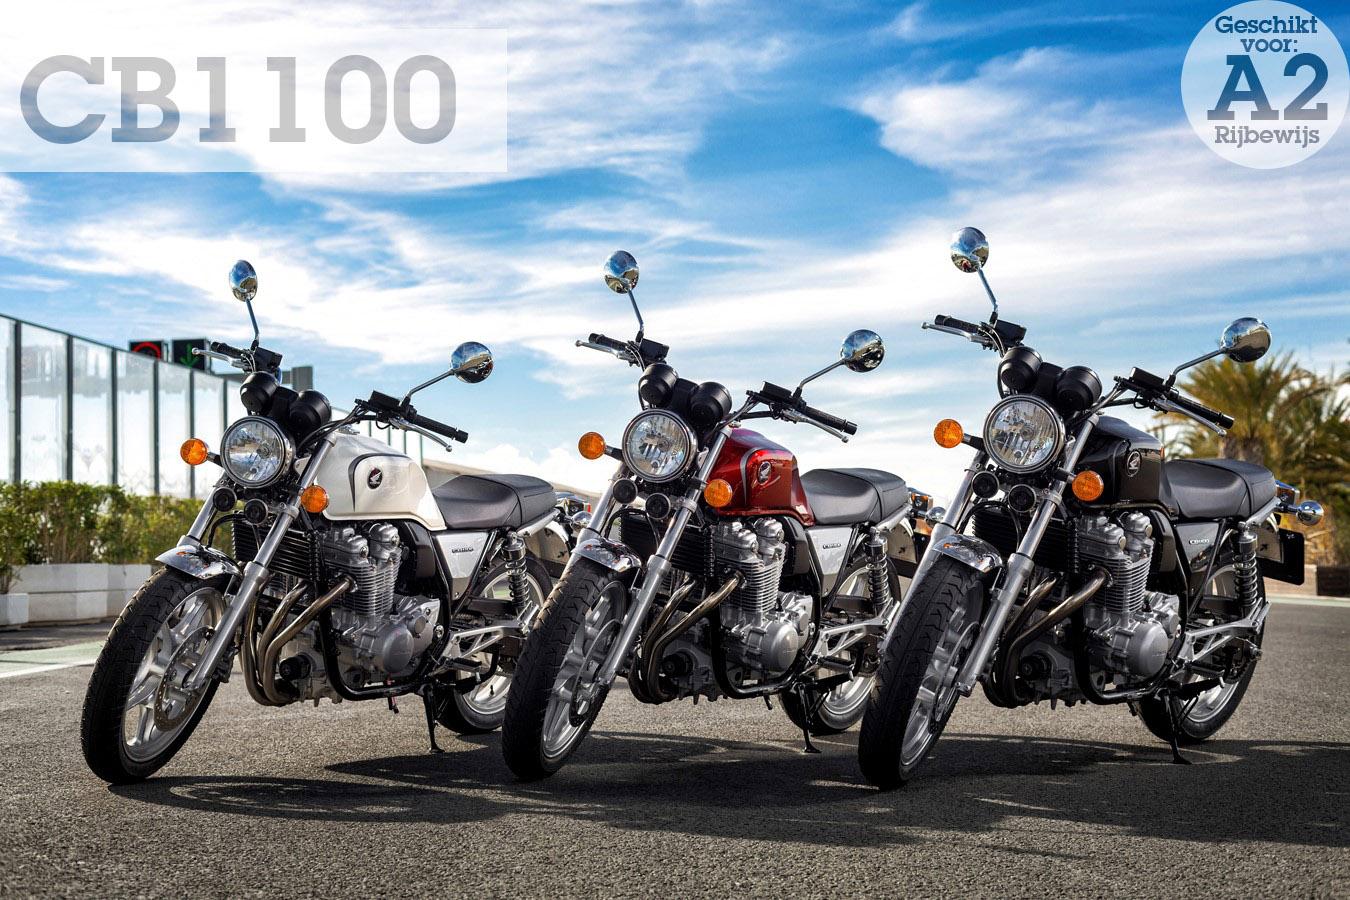 Honda CB1100